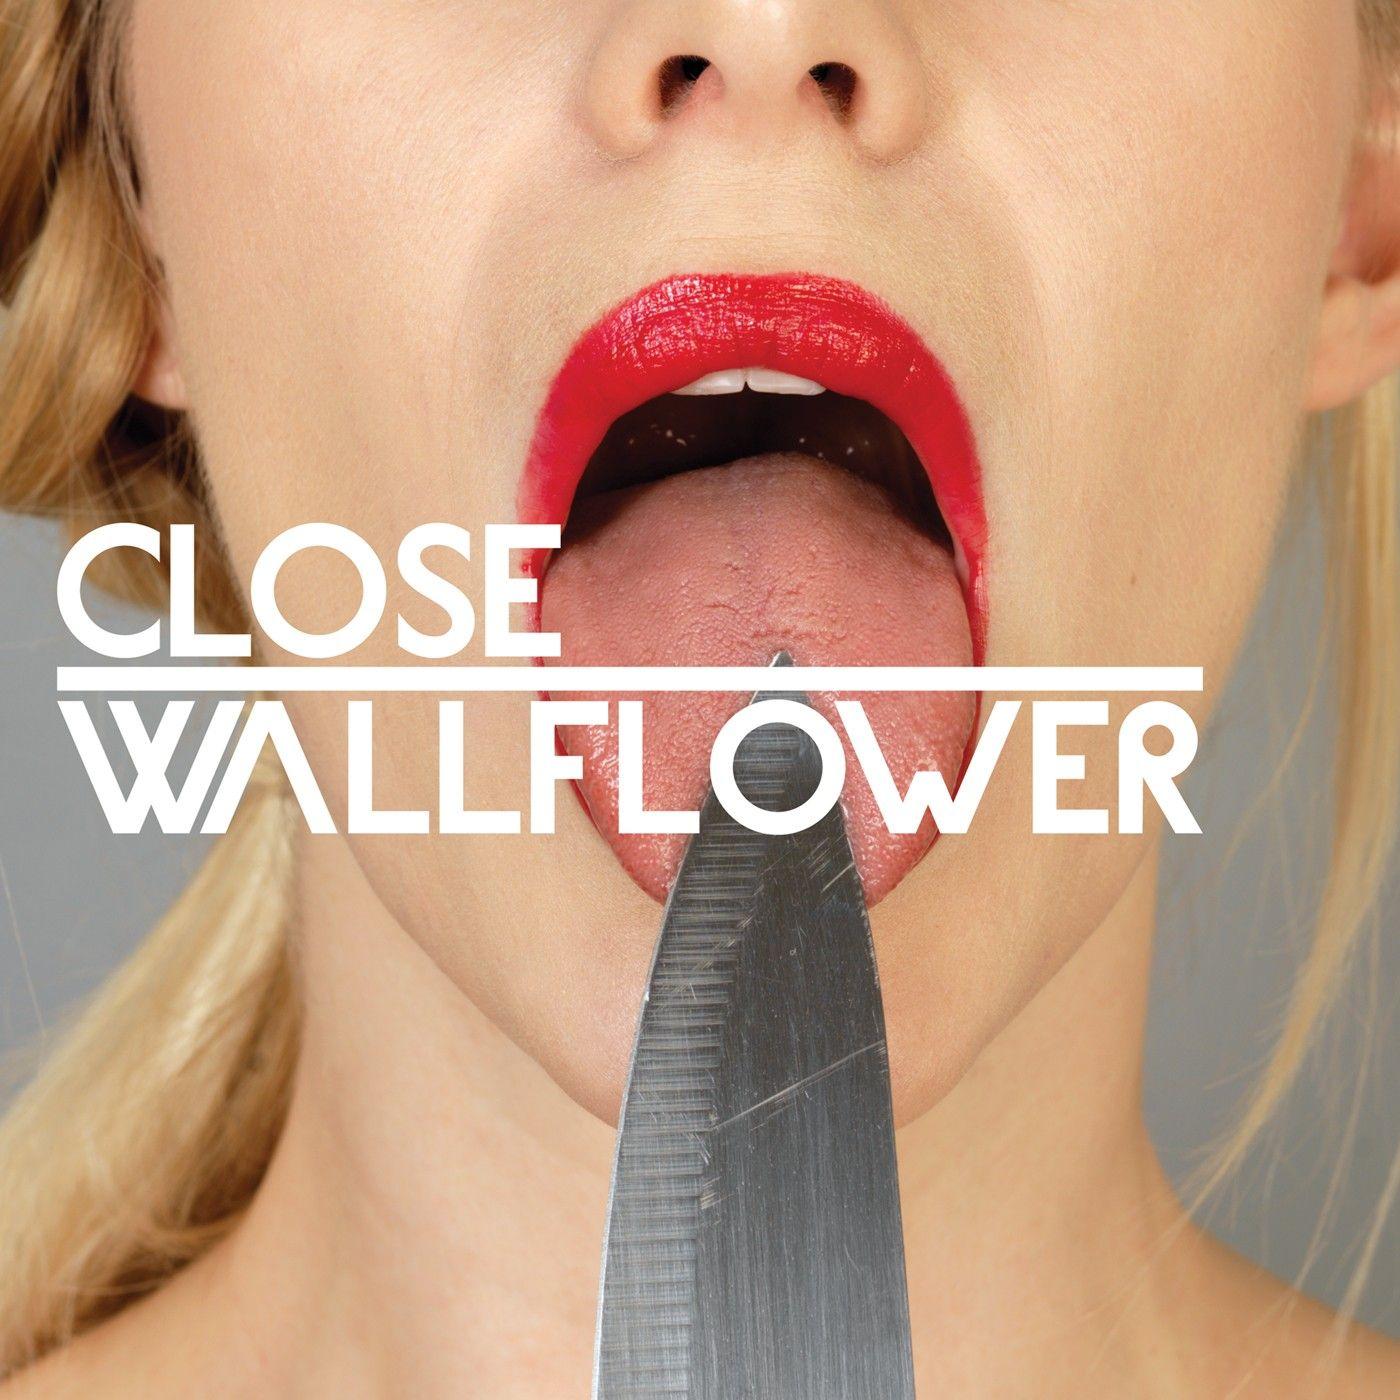 wallflower-pack.jpg